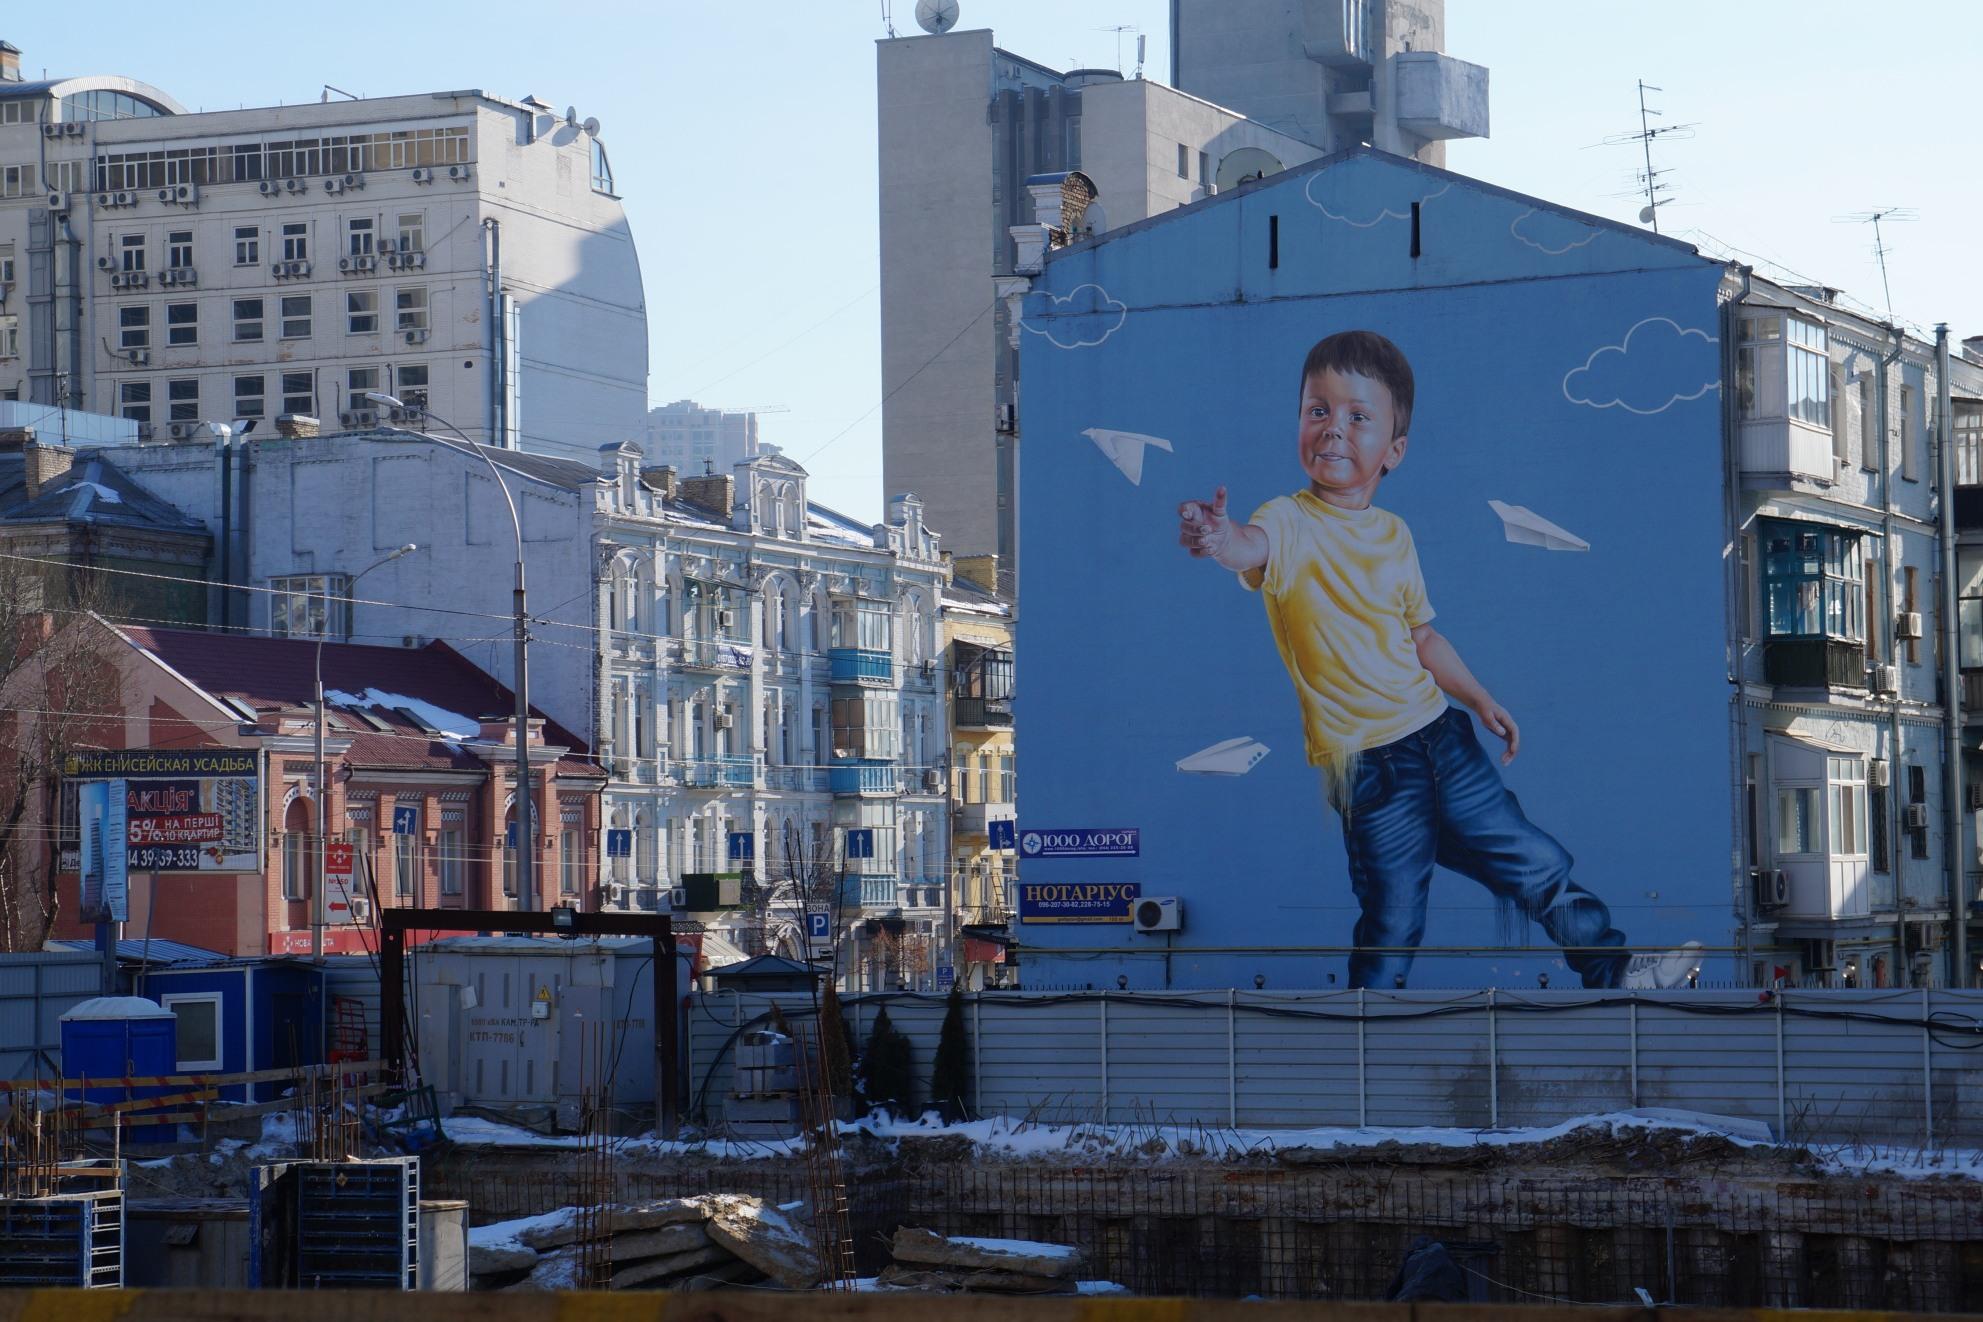 Chlapec s vlaštovkou od Sači Korbana, který předtím, než se stal umělcem, pět let na Donbase rubal uhlí